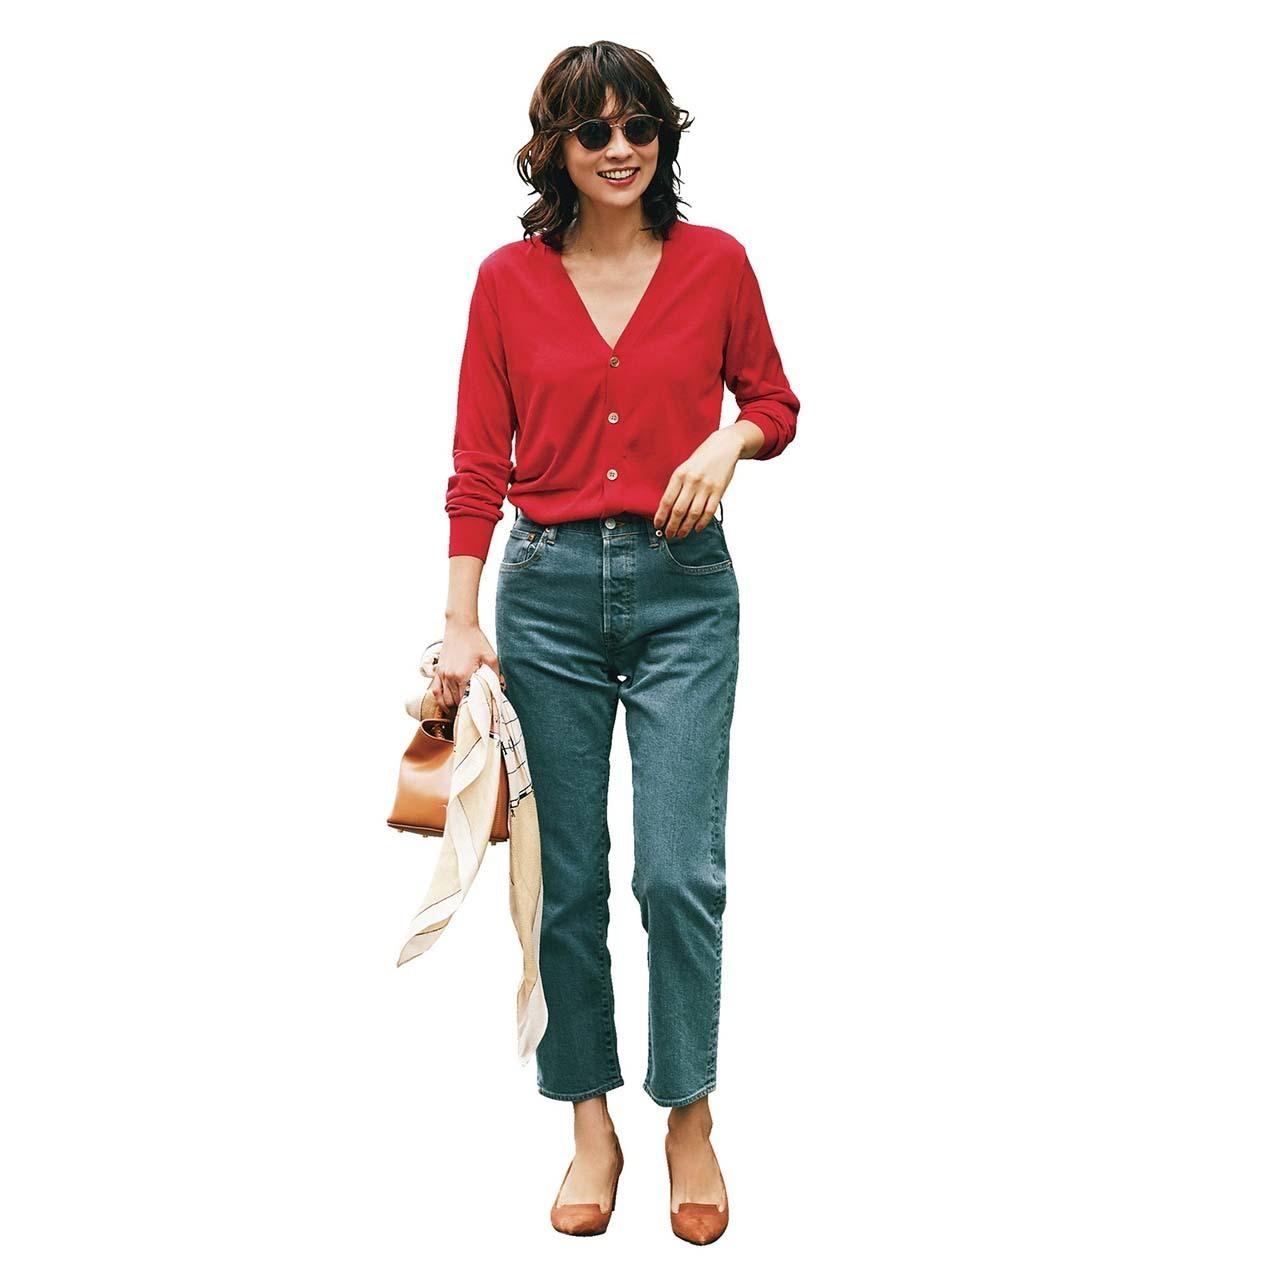 赤カーディガン×デニムパンツのファッションコーデ